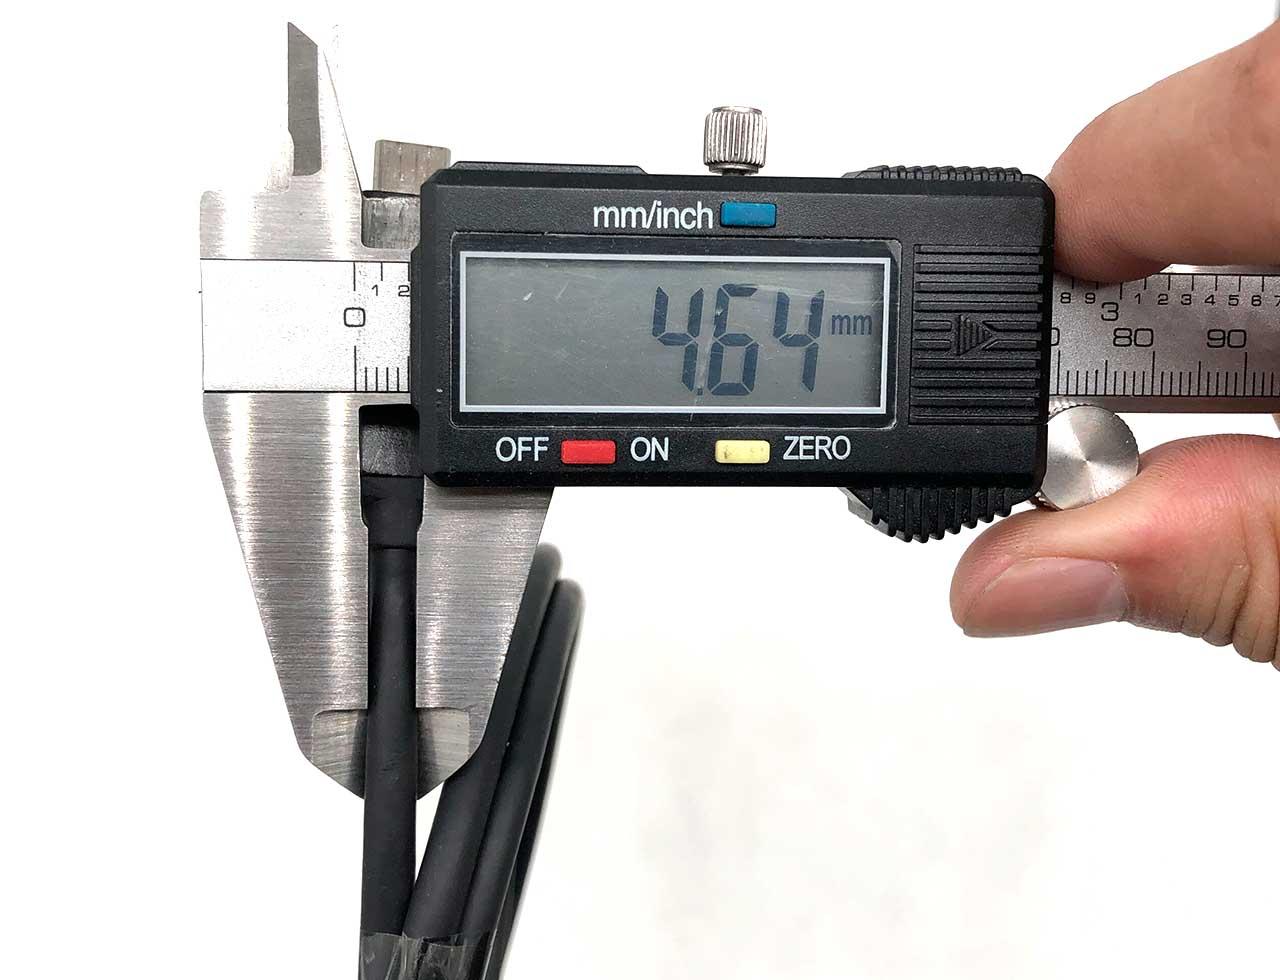 惠普HP雷电3数据线40Gbps 120 瓦5A充电Thunderbolt™3 120w 0.7m cable 雷雳3 8K多屏显示器线 PD快充 USB c to usb c 双EMARK芯片SSD硬盘盒高速传输线 L22298-001 SPS:L15812-001